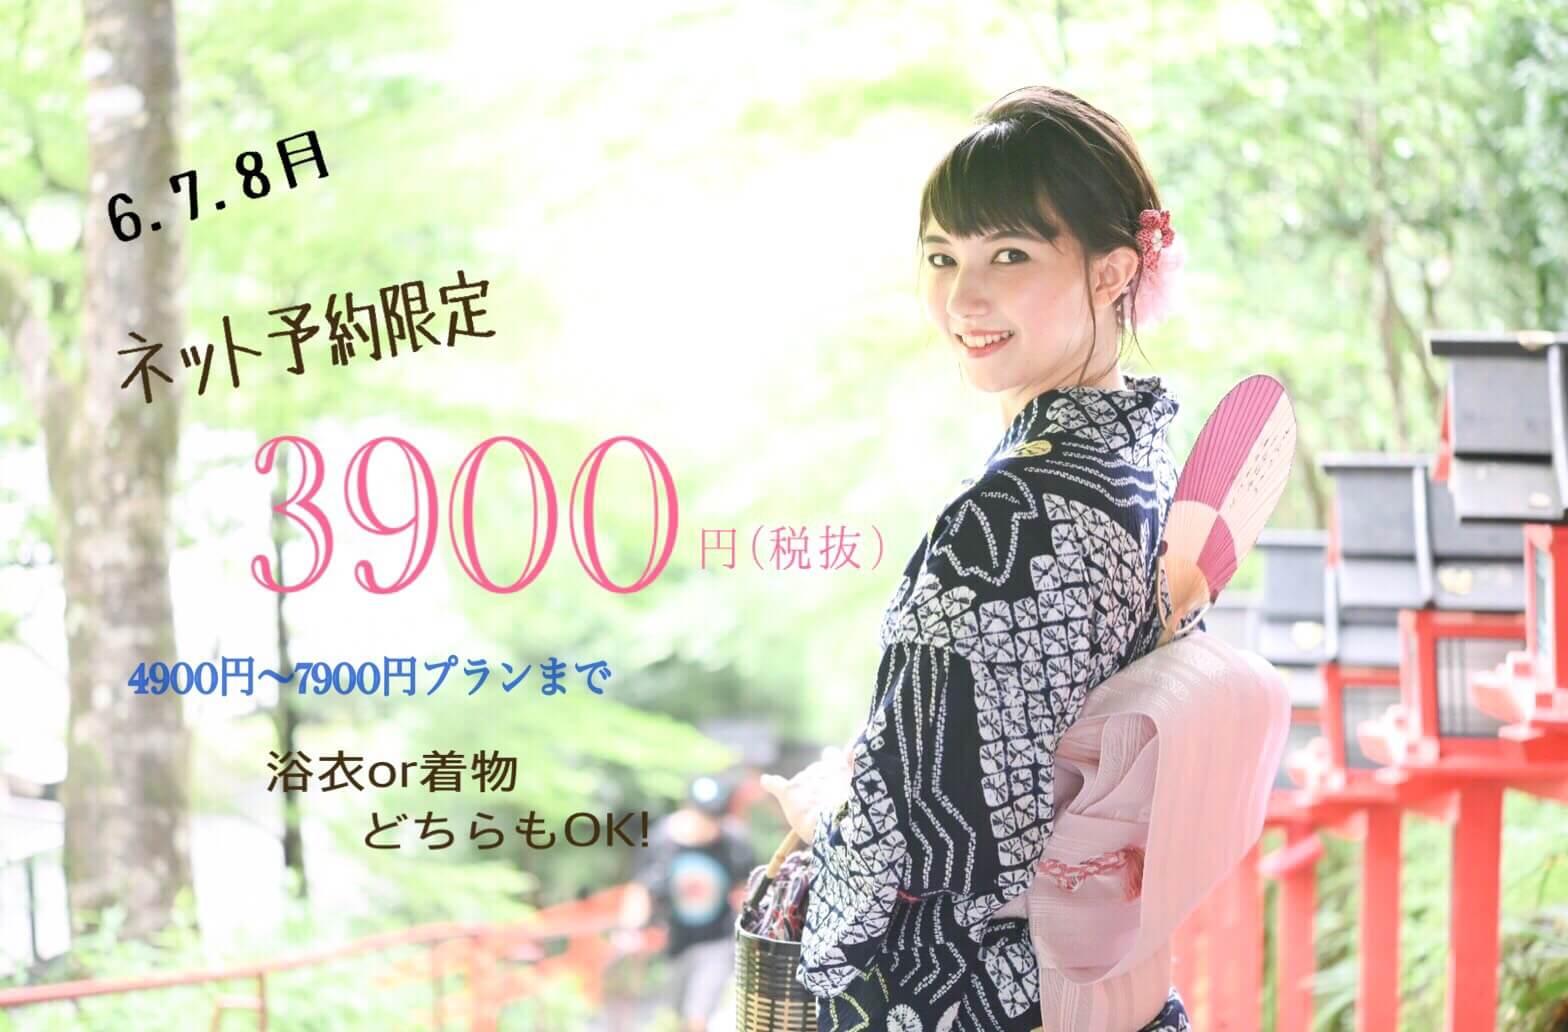 ネット予約限定3900円